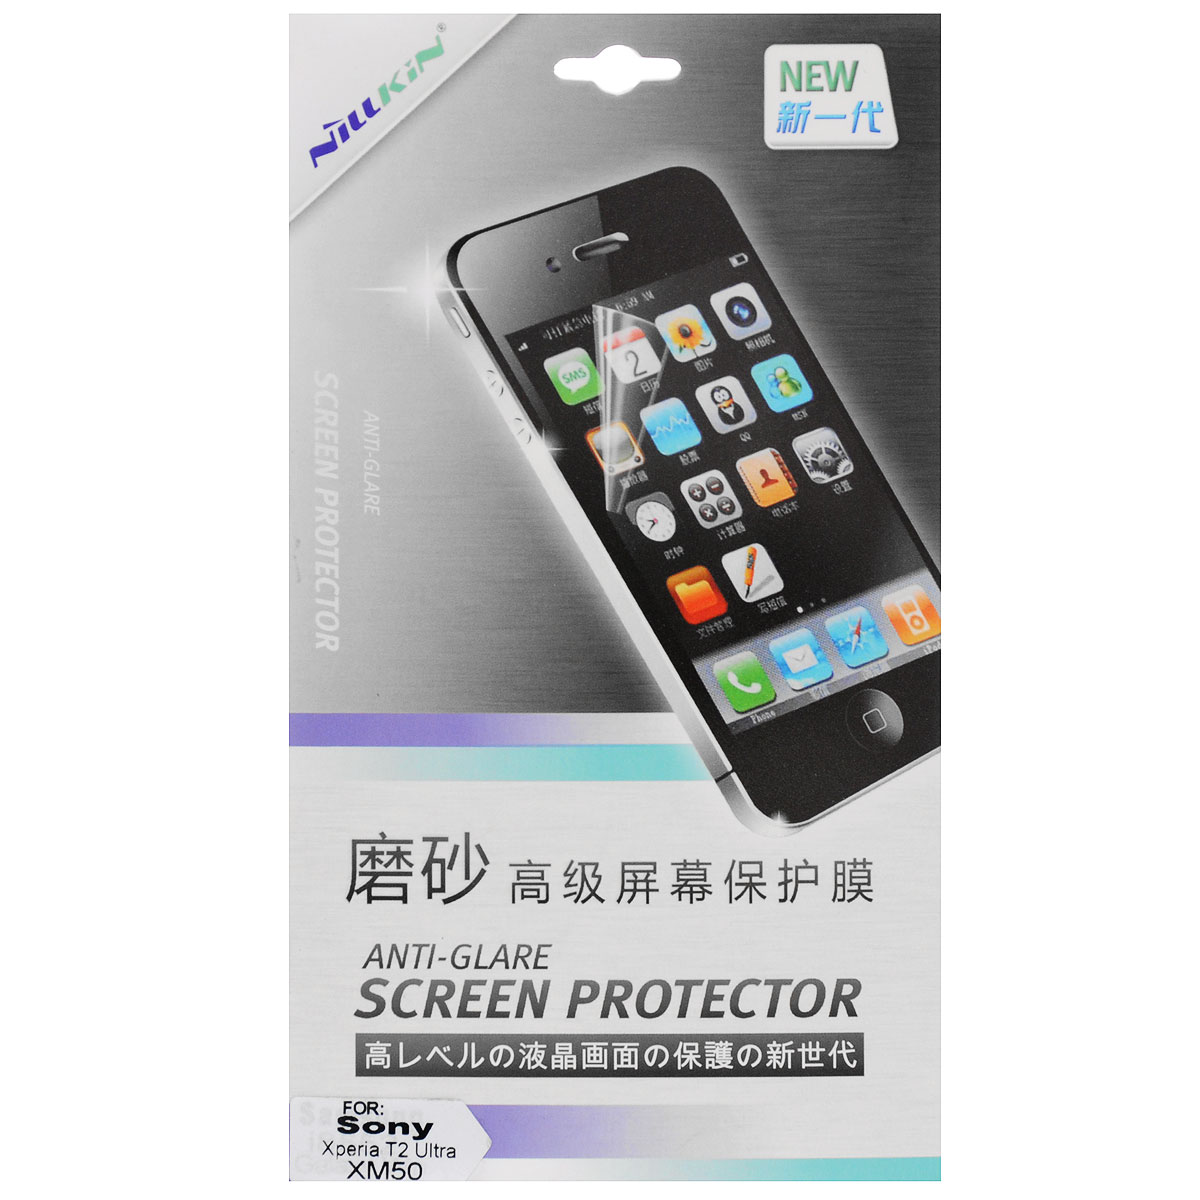 Nillkin Screen Protector защитная пленка для Sony Xperia T2 Ultra, матоваяSP-043Защитная пленка Nillkin Screen Protector для Sony Xperia T2 Ultra сохраняет экран гладким и предотвращает появление на нем царапин и потертостей. Структура пленки позволяет ей плотно удерживаться без помощи клеевых составов. Пленка практически незаметна на экране устройства и сохраняет все характеристики цветопередачи и чувствительности сенсора.